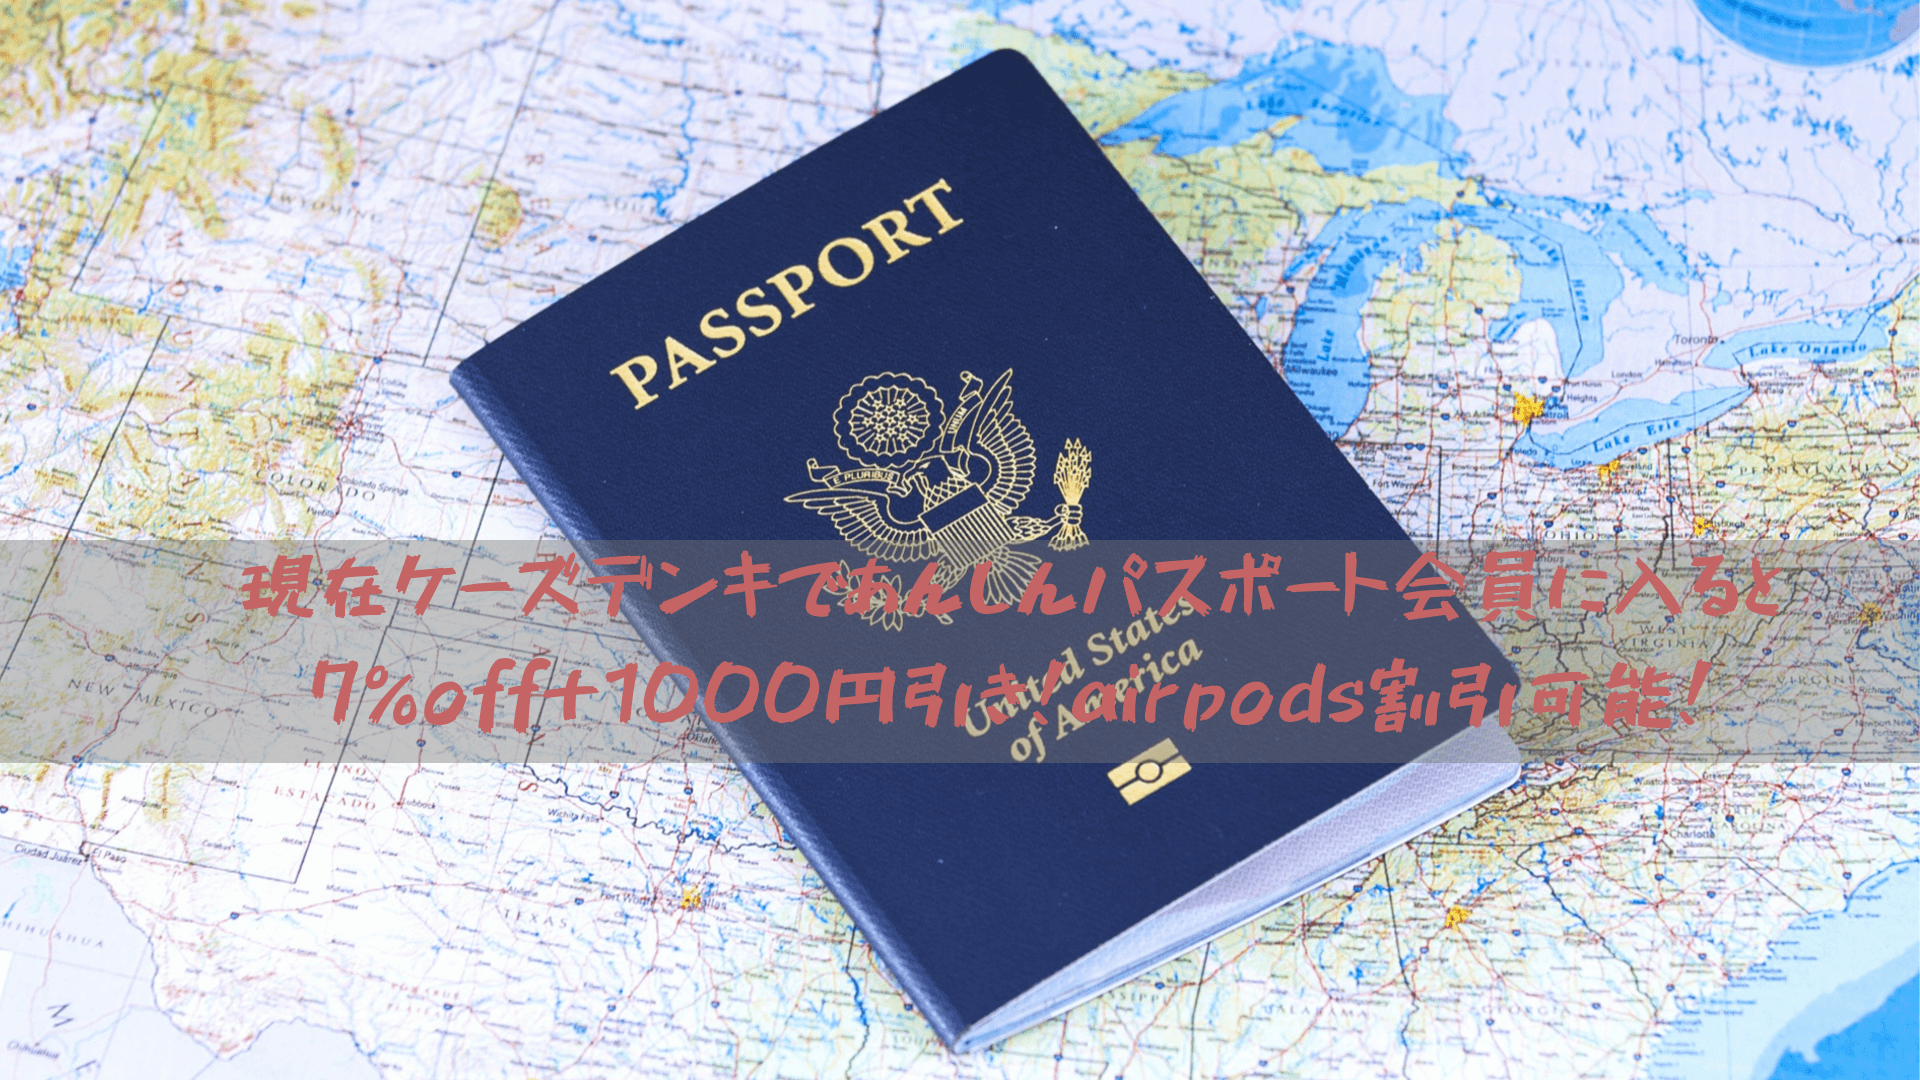 現在ケーズデンキであんしんパスポート会員に入ると7%off+1000円引きゲット!airpods割引可能!